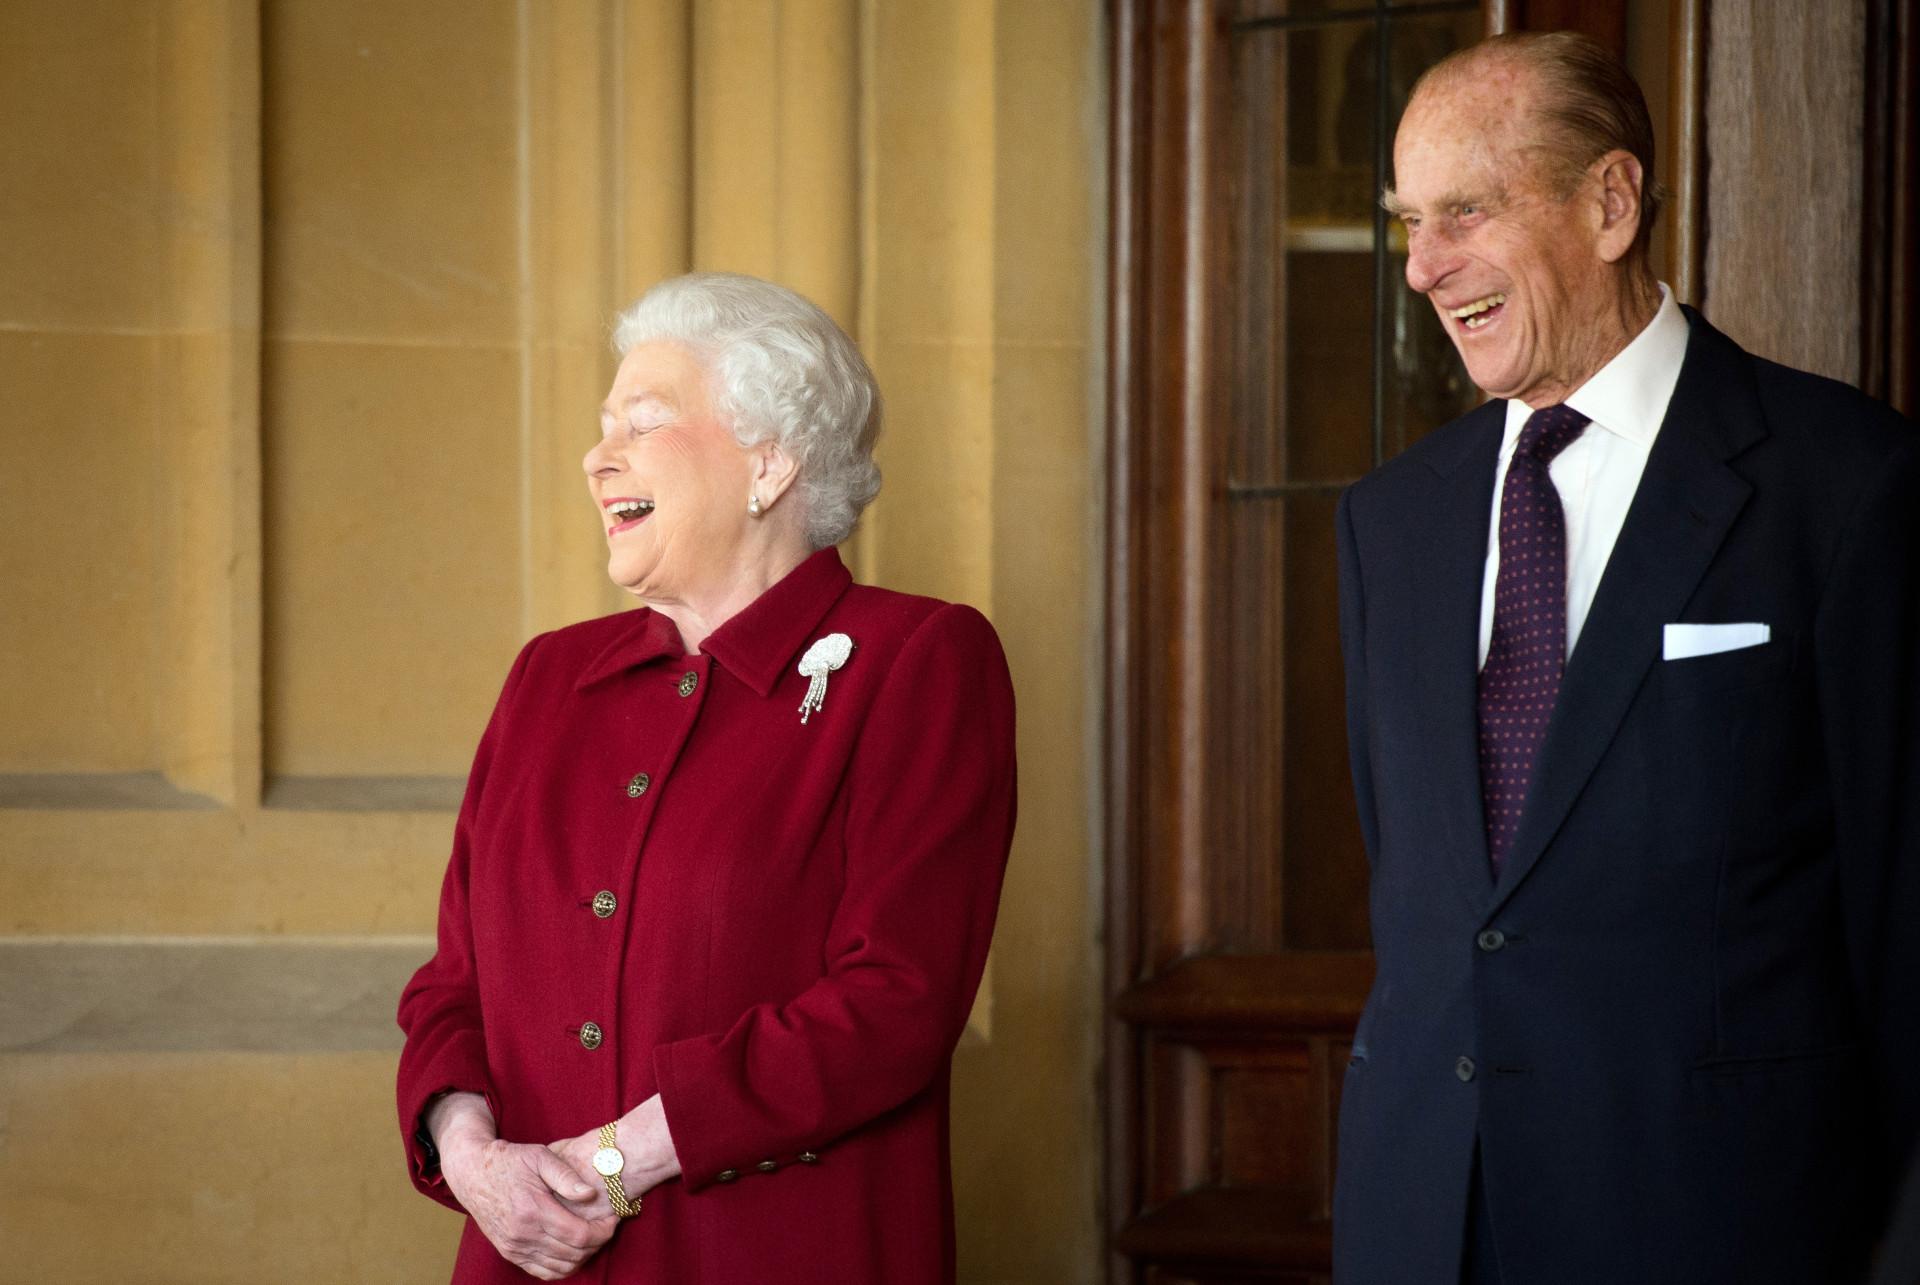 Merry Christmas: So feiern die britischen Royals Weihnachten